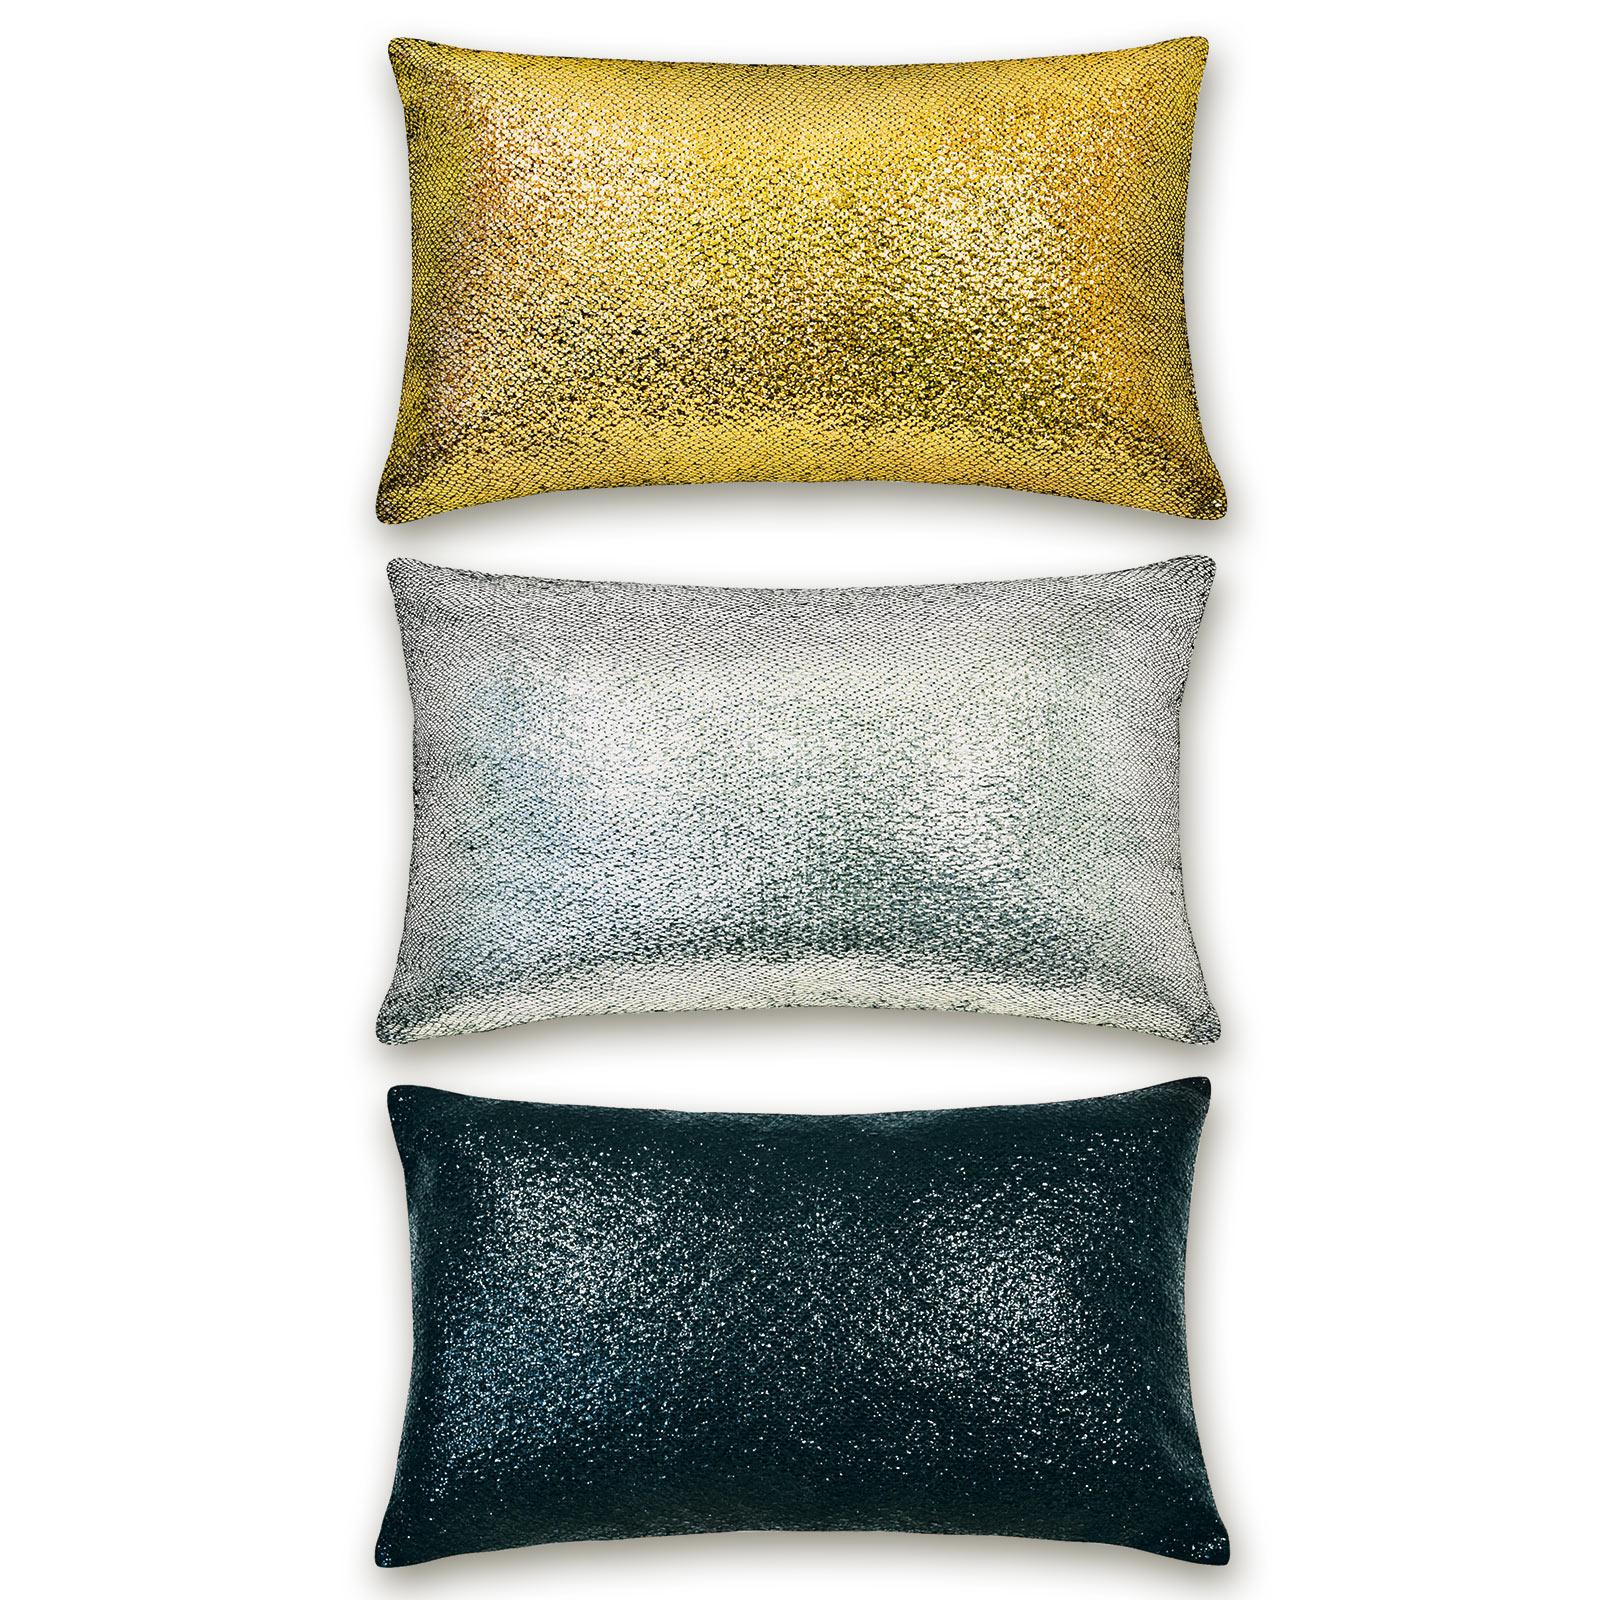 Roller Kissen.Kissen Metallic Sortierte Farben 50 Cm